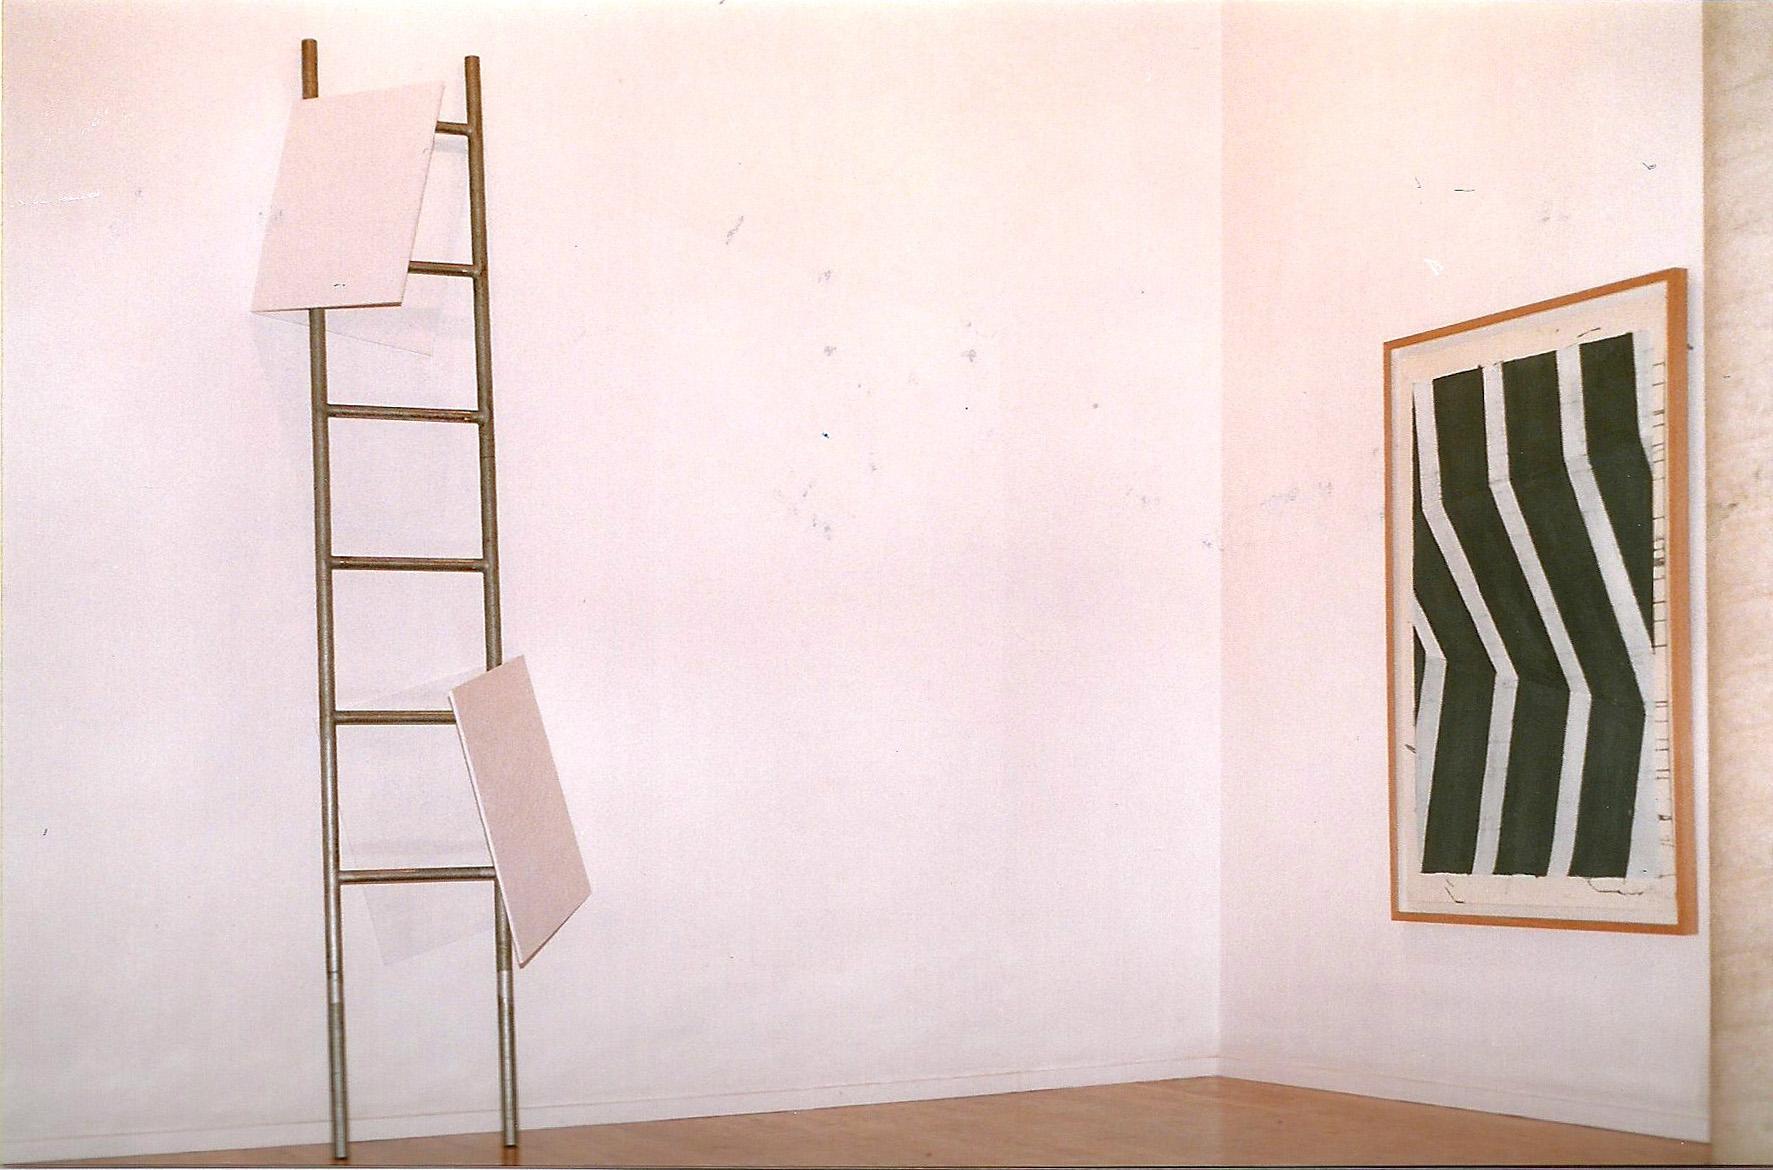 Vista de la exposición en la Galeria Maior de Pollença, 1997